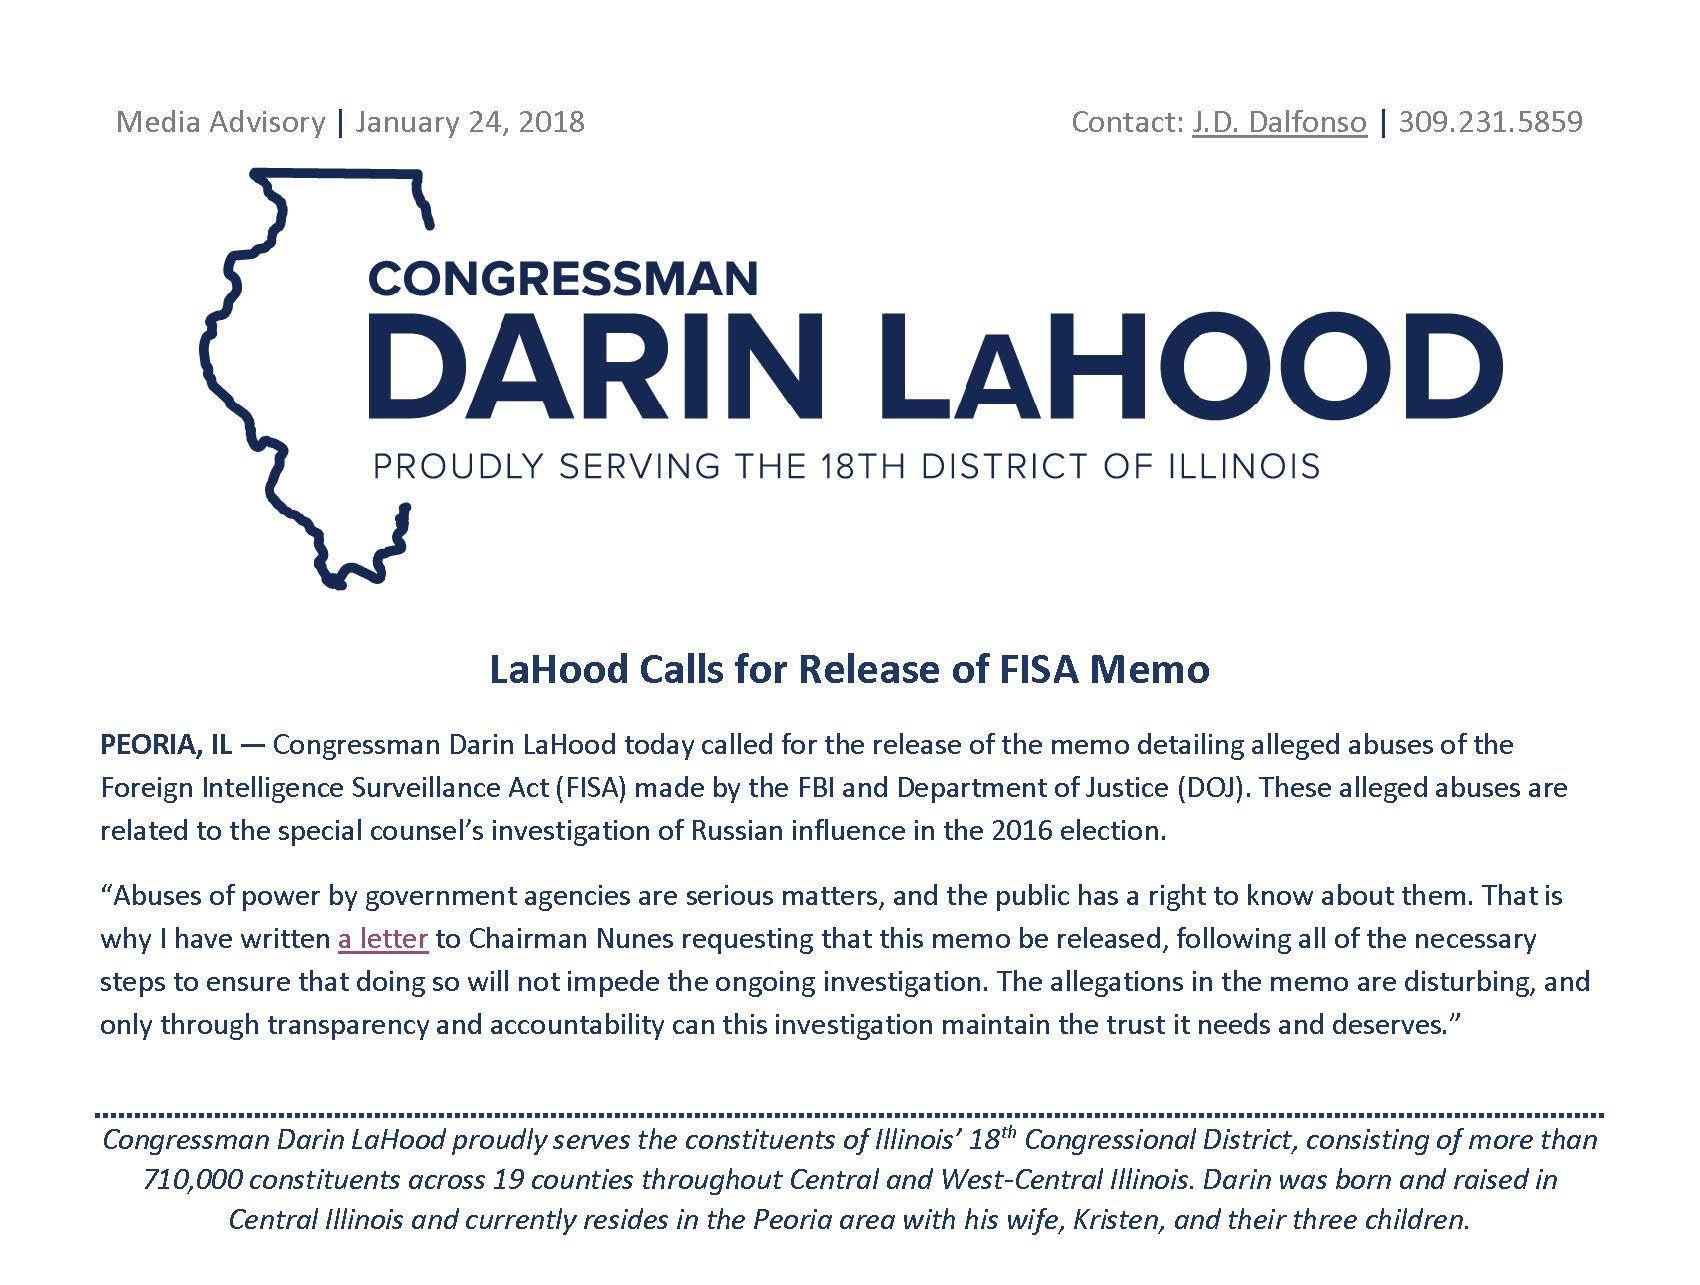 LaHood_Calls_for_Release_of_FISA_Memo.jpg